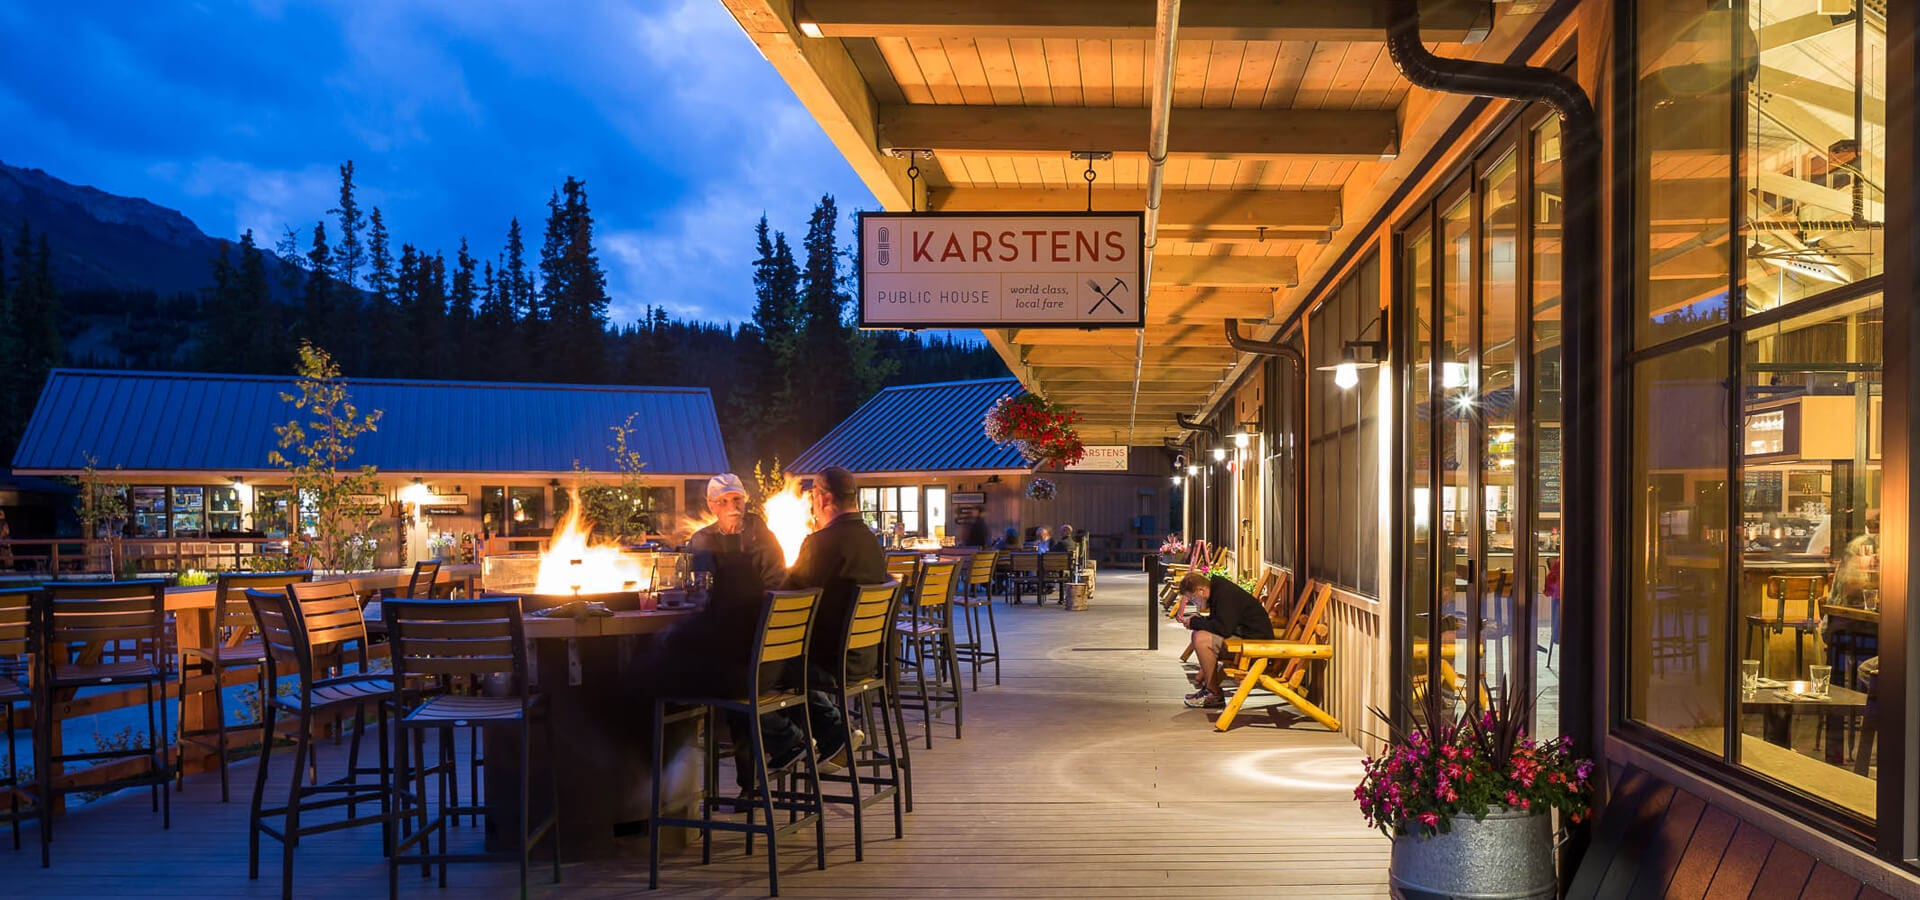 Karsten's in Alaska